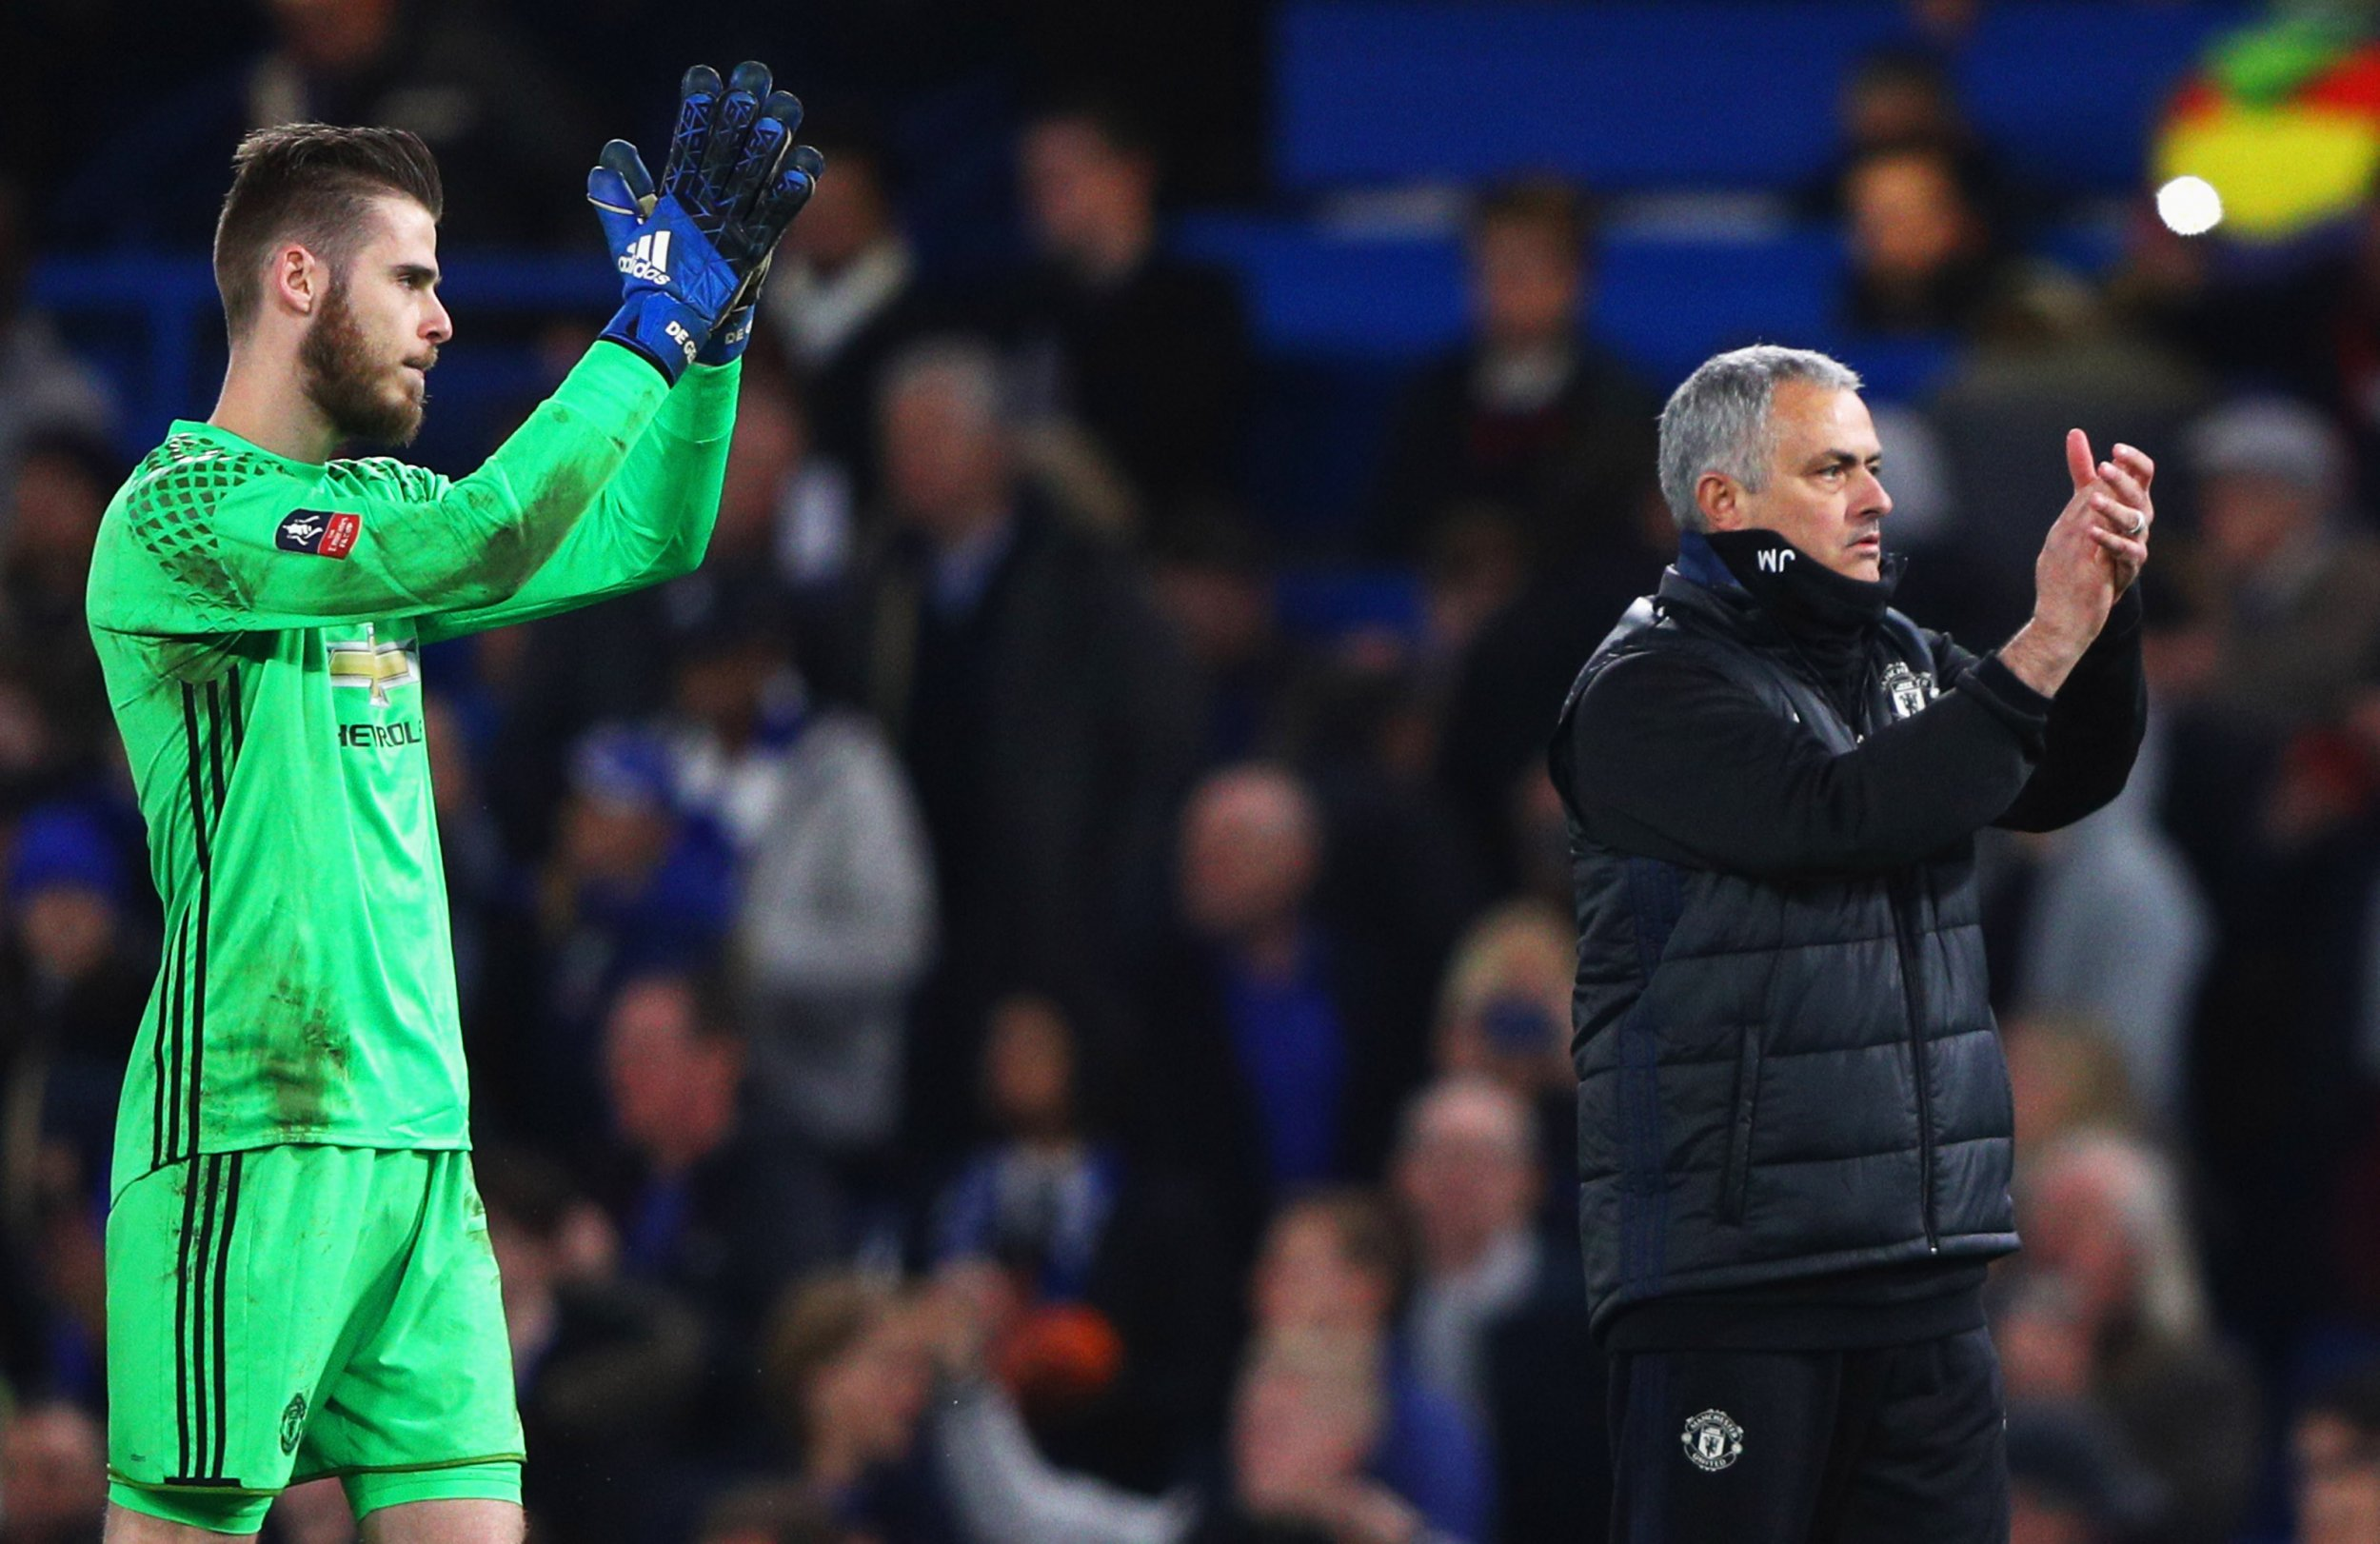 Manchester United Transfer News Groundhog Day for José Mourinho